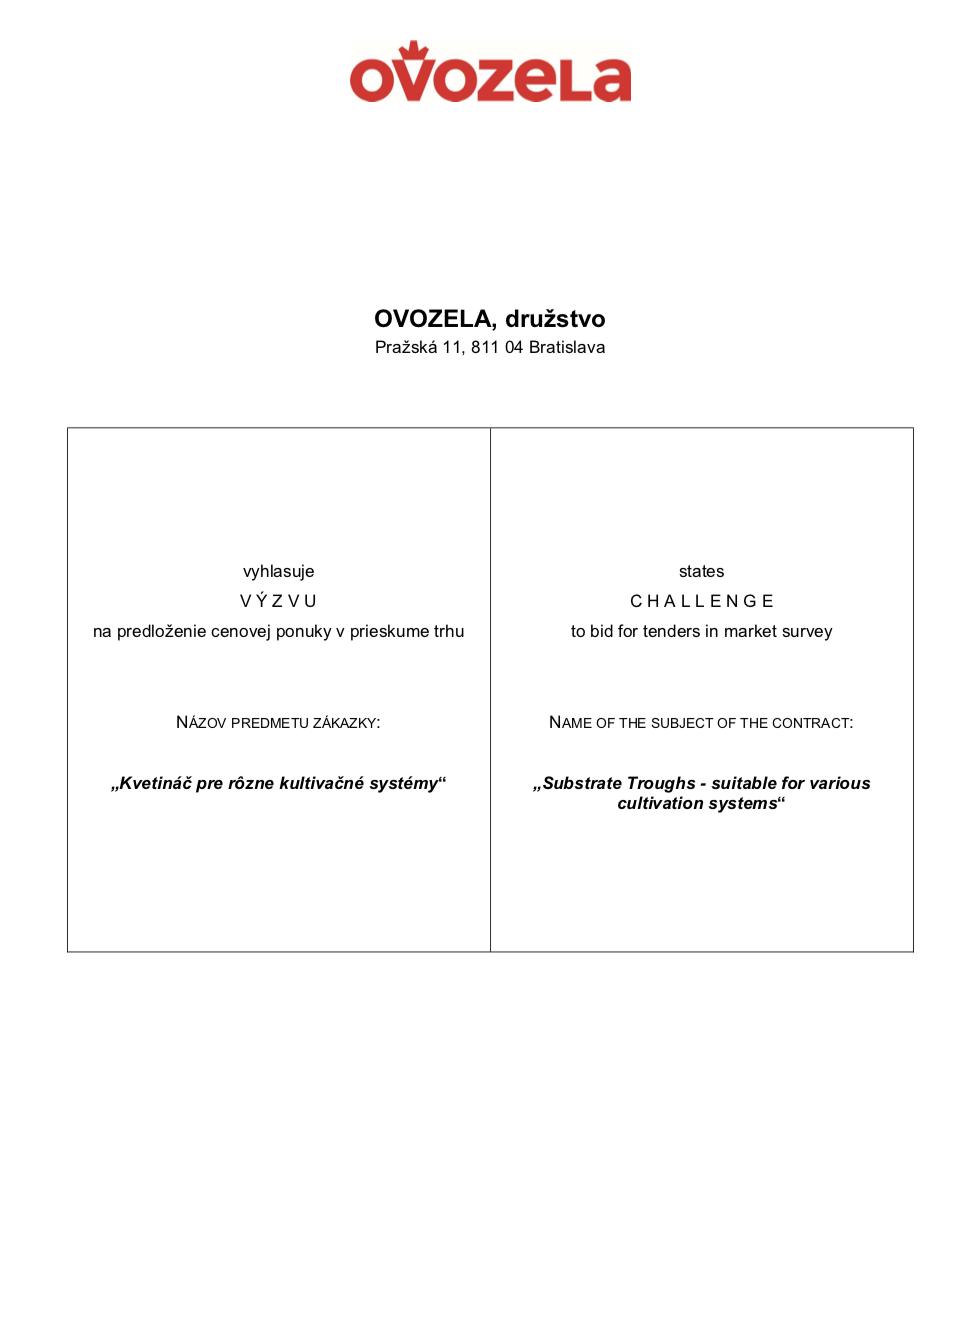 VÝZVA na predloženie ponuky v prieskume trhu: Kvetináč pre rôzne kultivačné systémy